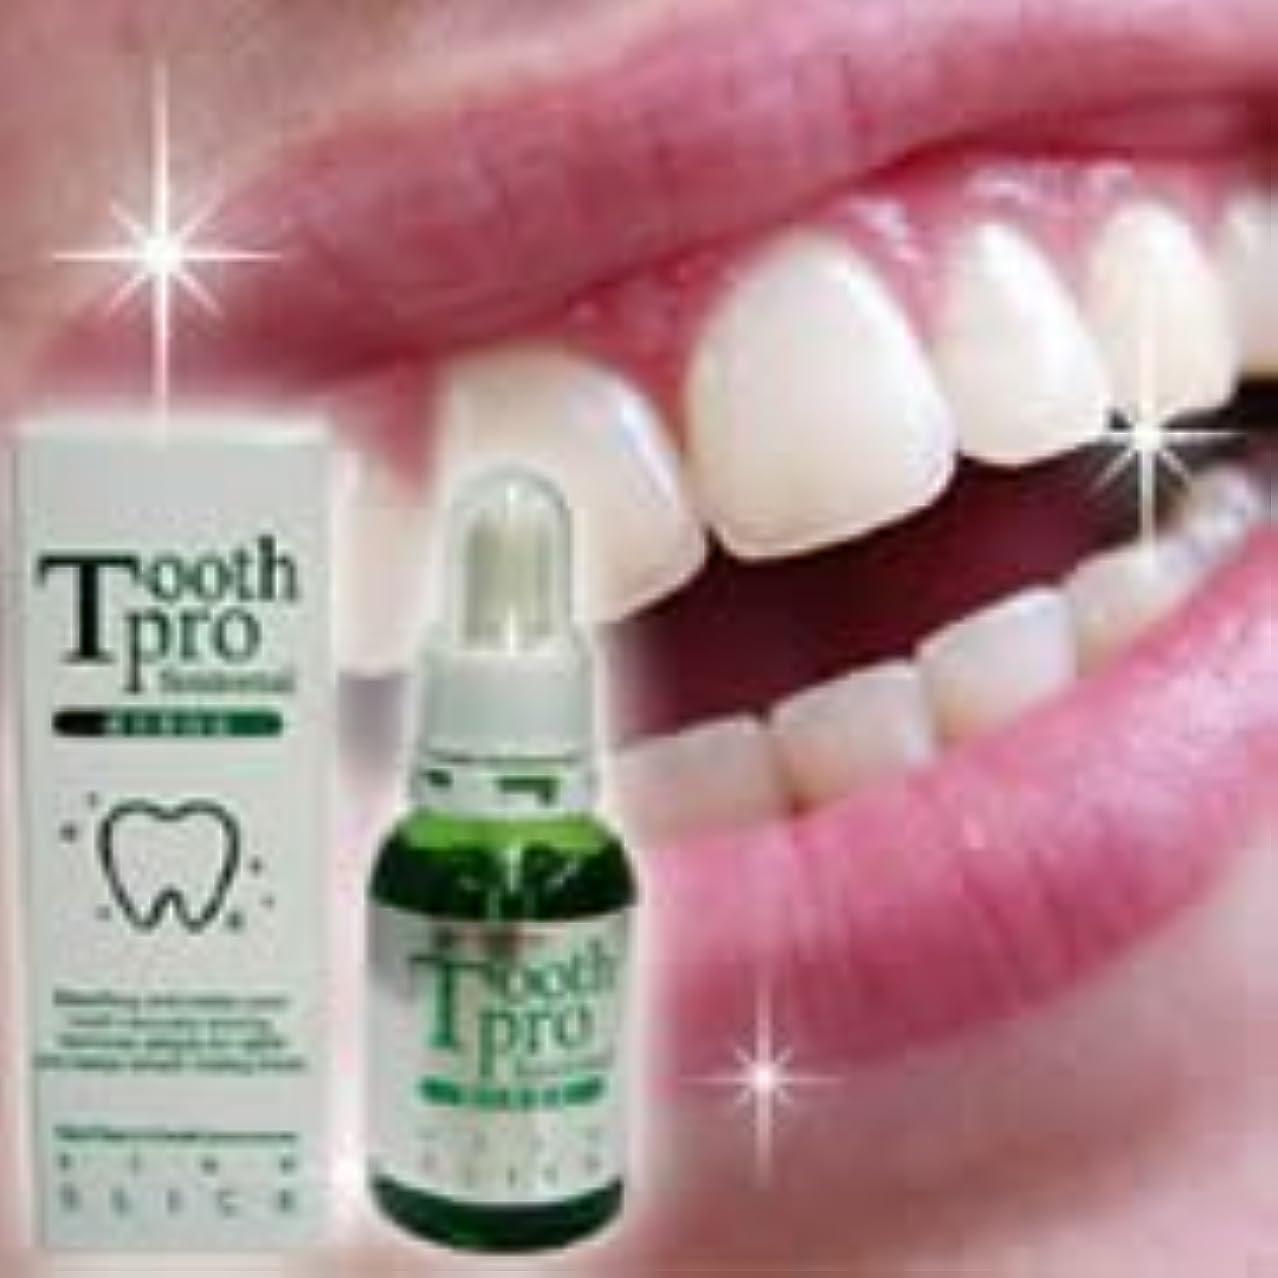 負担暴露するおそらくトゥース プロフェッショナル 20ml ×2個セット (tooth professional)